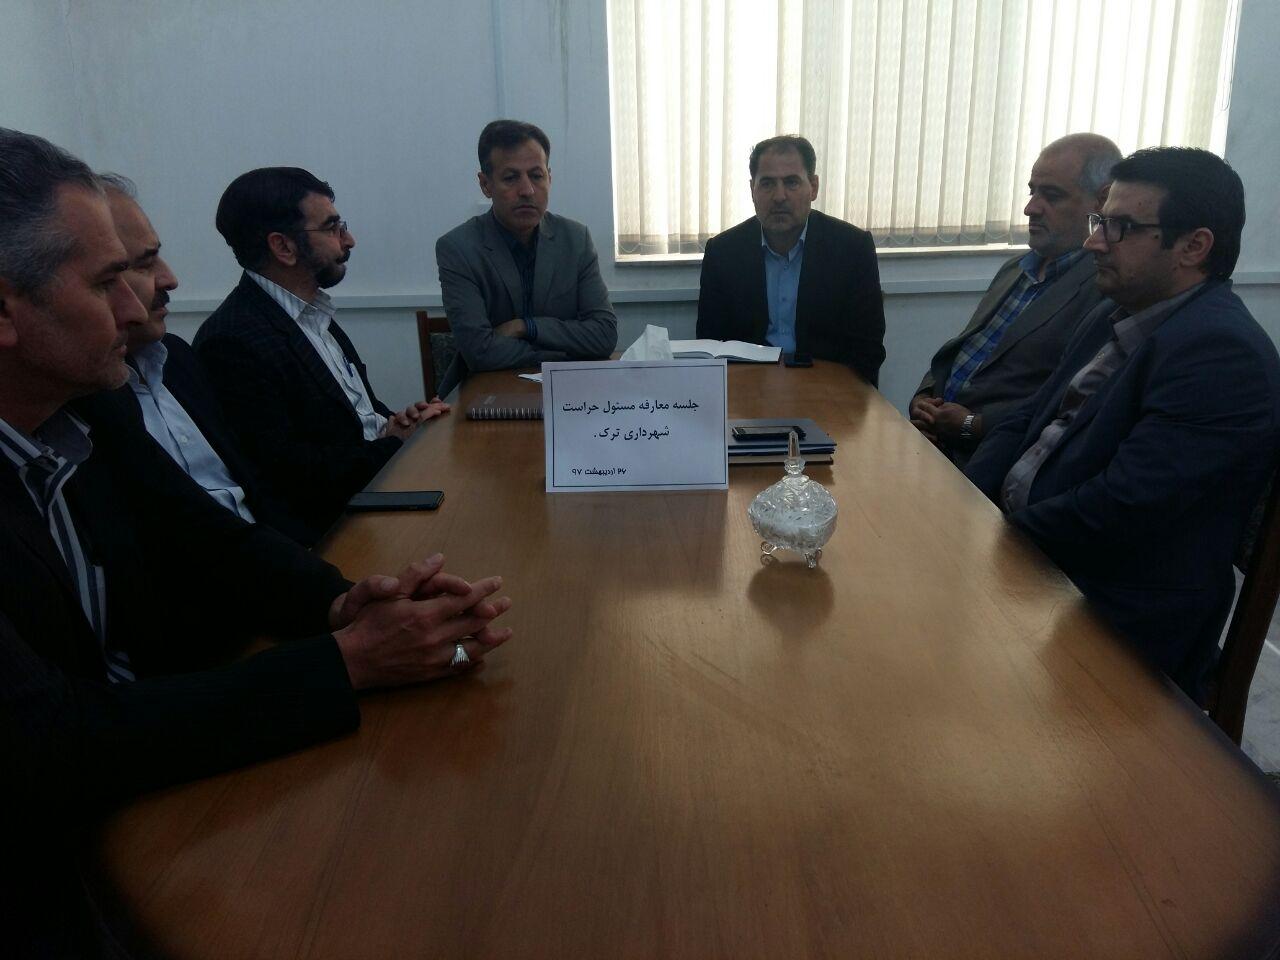 جلسه معارفه مسئول حراست شهرداری ترک